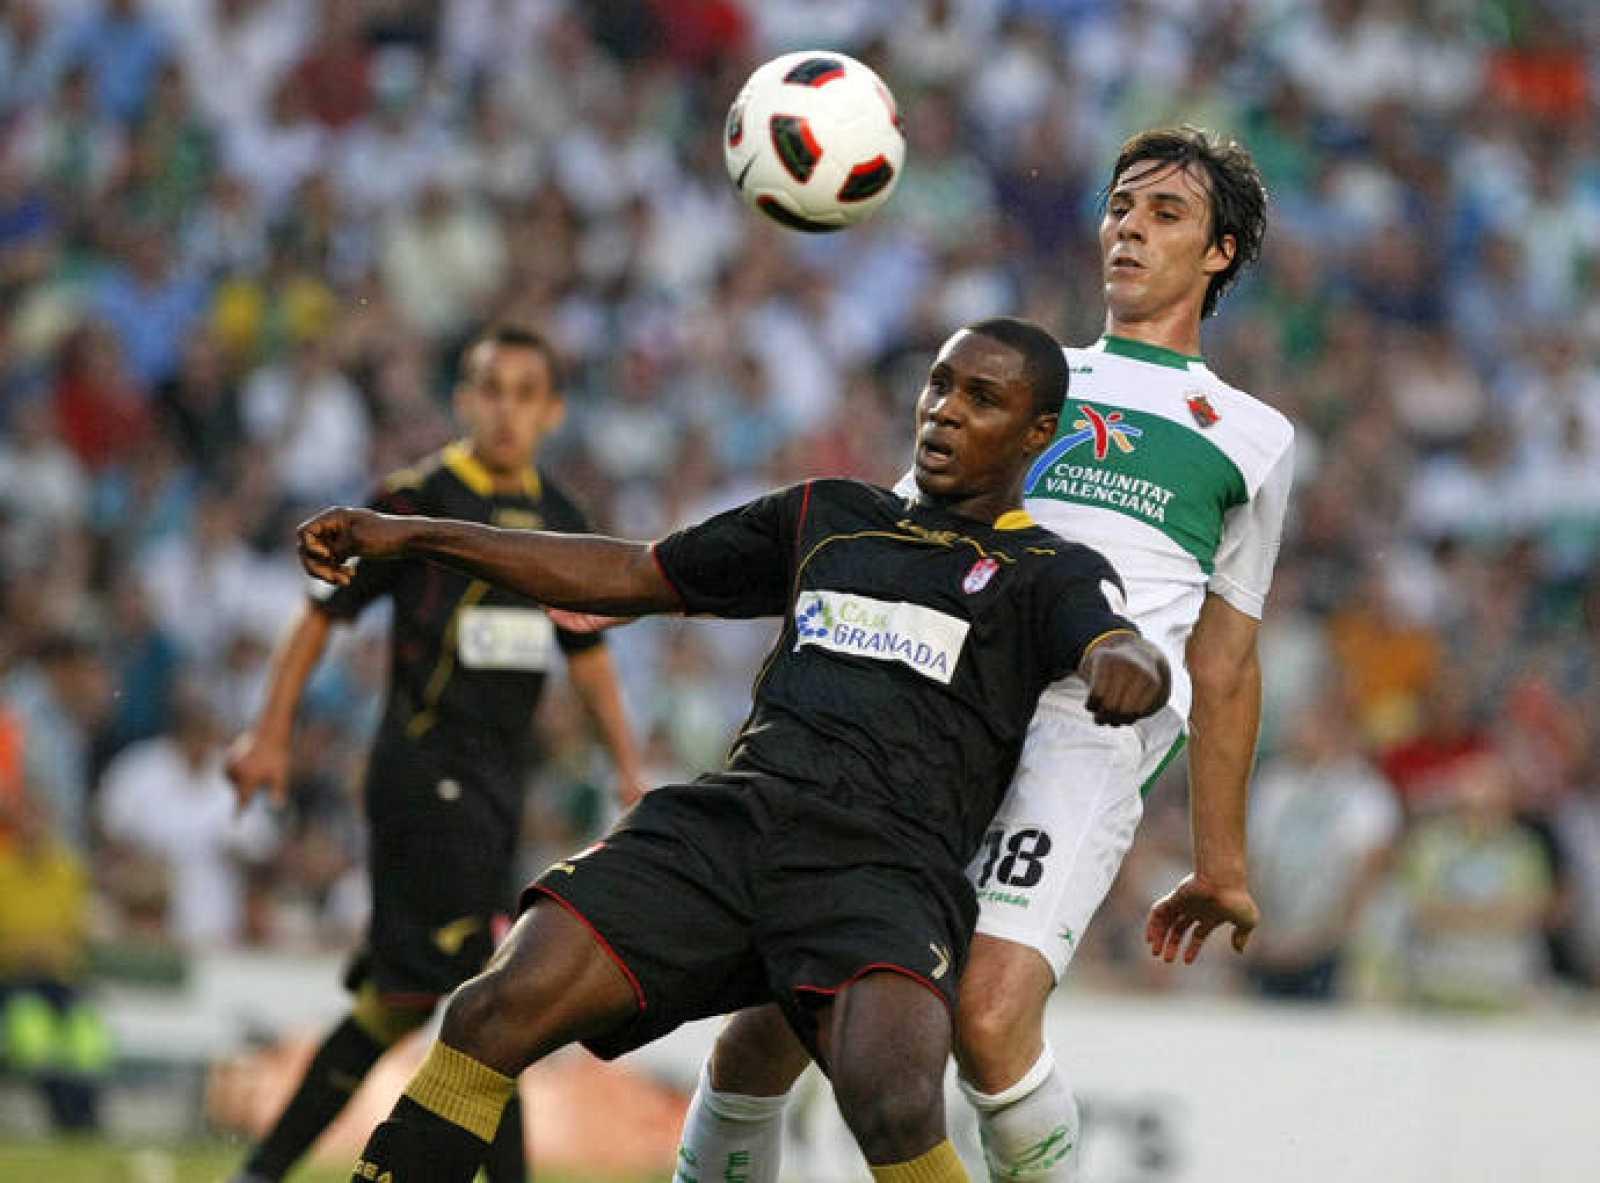 El defensa del Elche Sergio Pelegrín lucha un balón con el delantero nigeriano del Granada Odion Jude Ighalo.